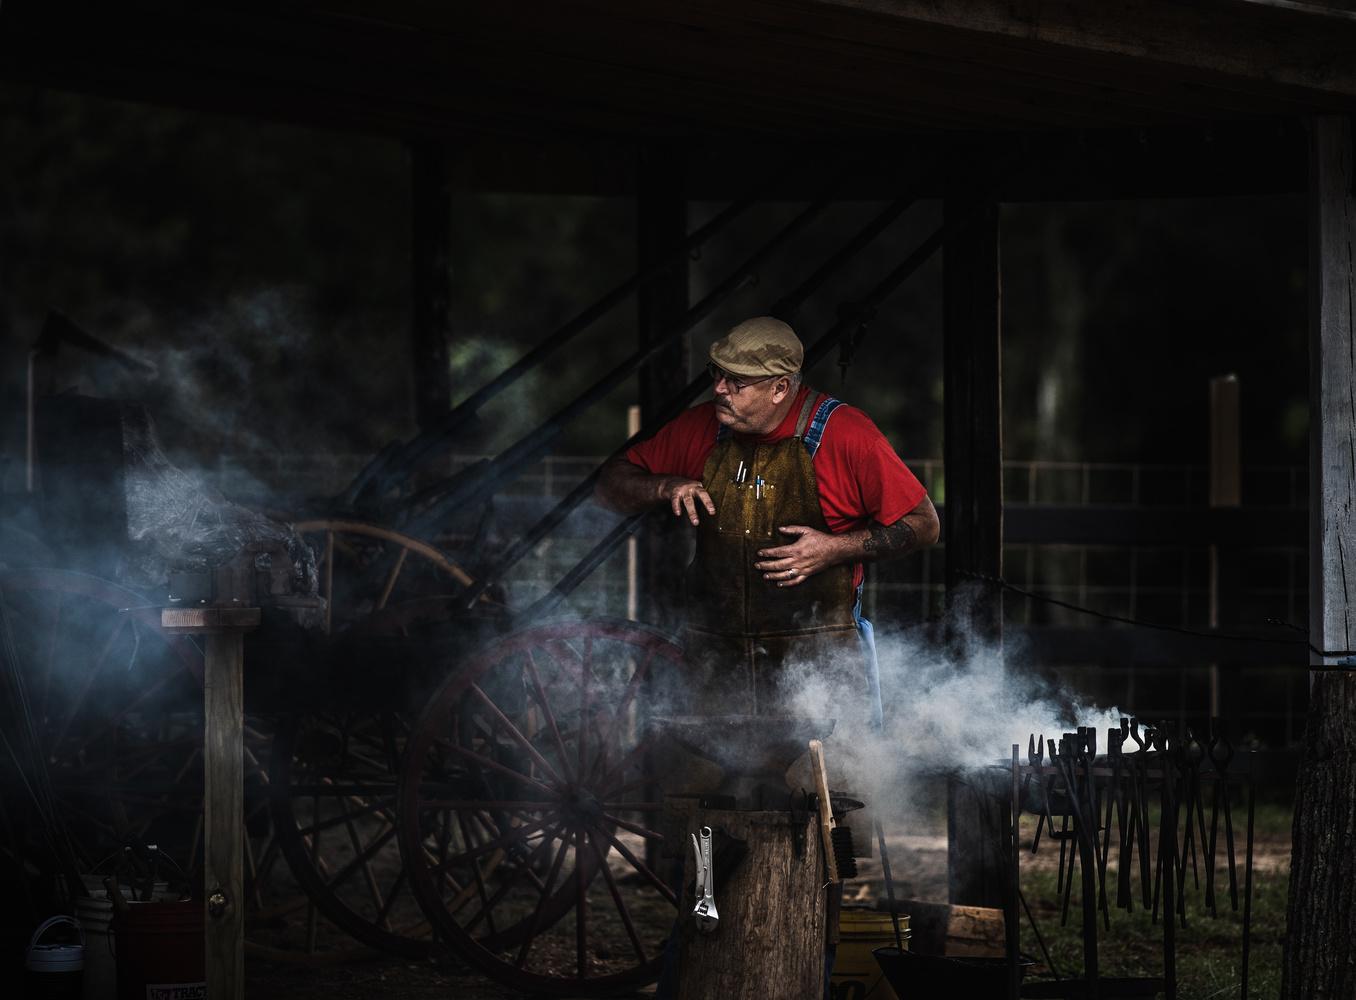 Blacksmith by William Uzzell